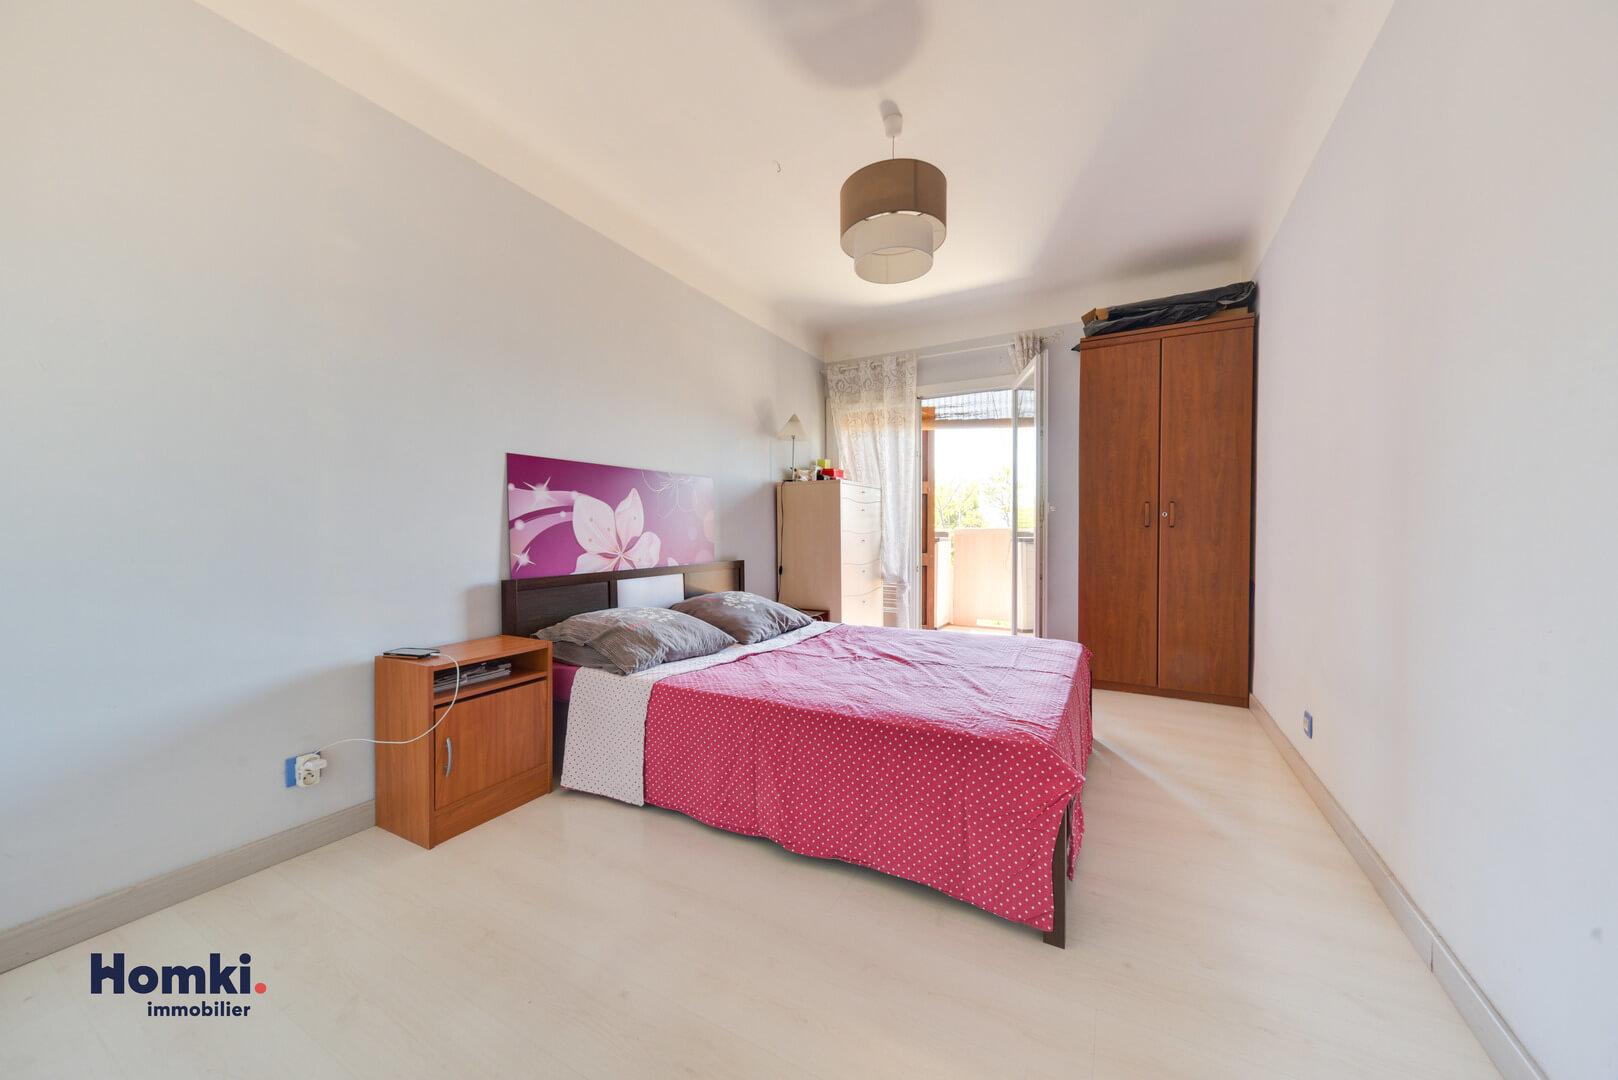 Vente Appartement 54 m² T3 13015_7